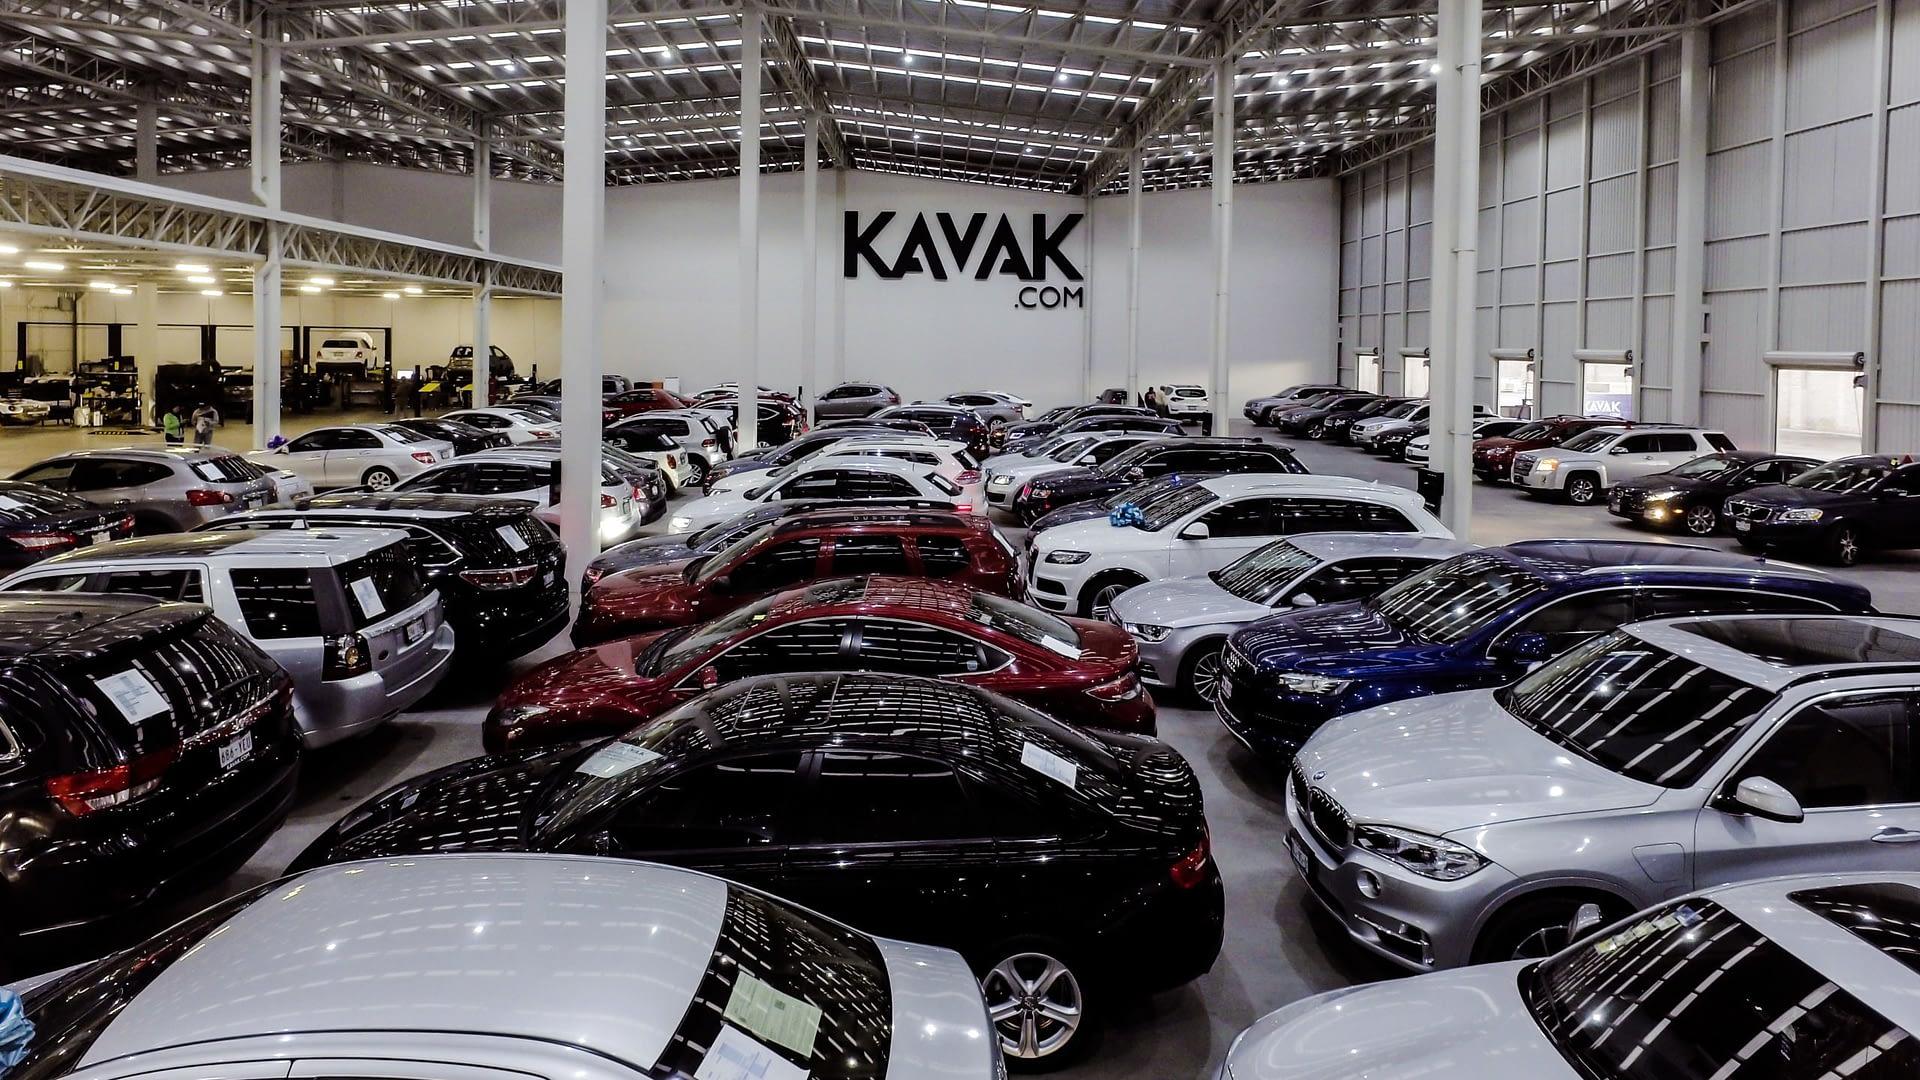 Kavak invests US$17 million in Monterrey